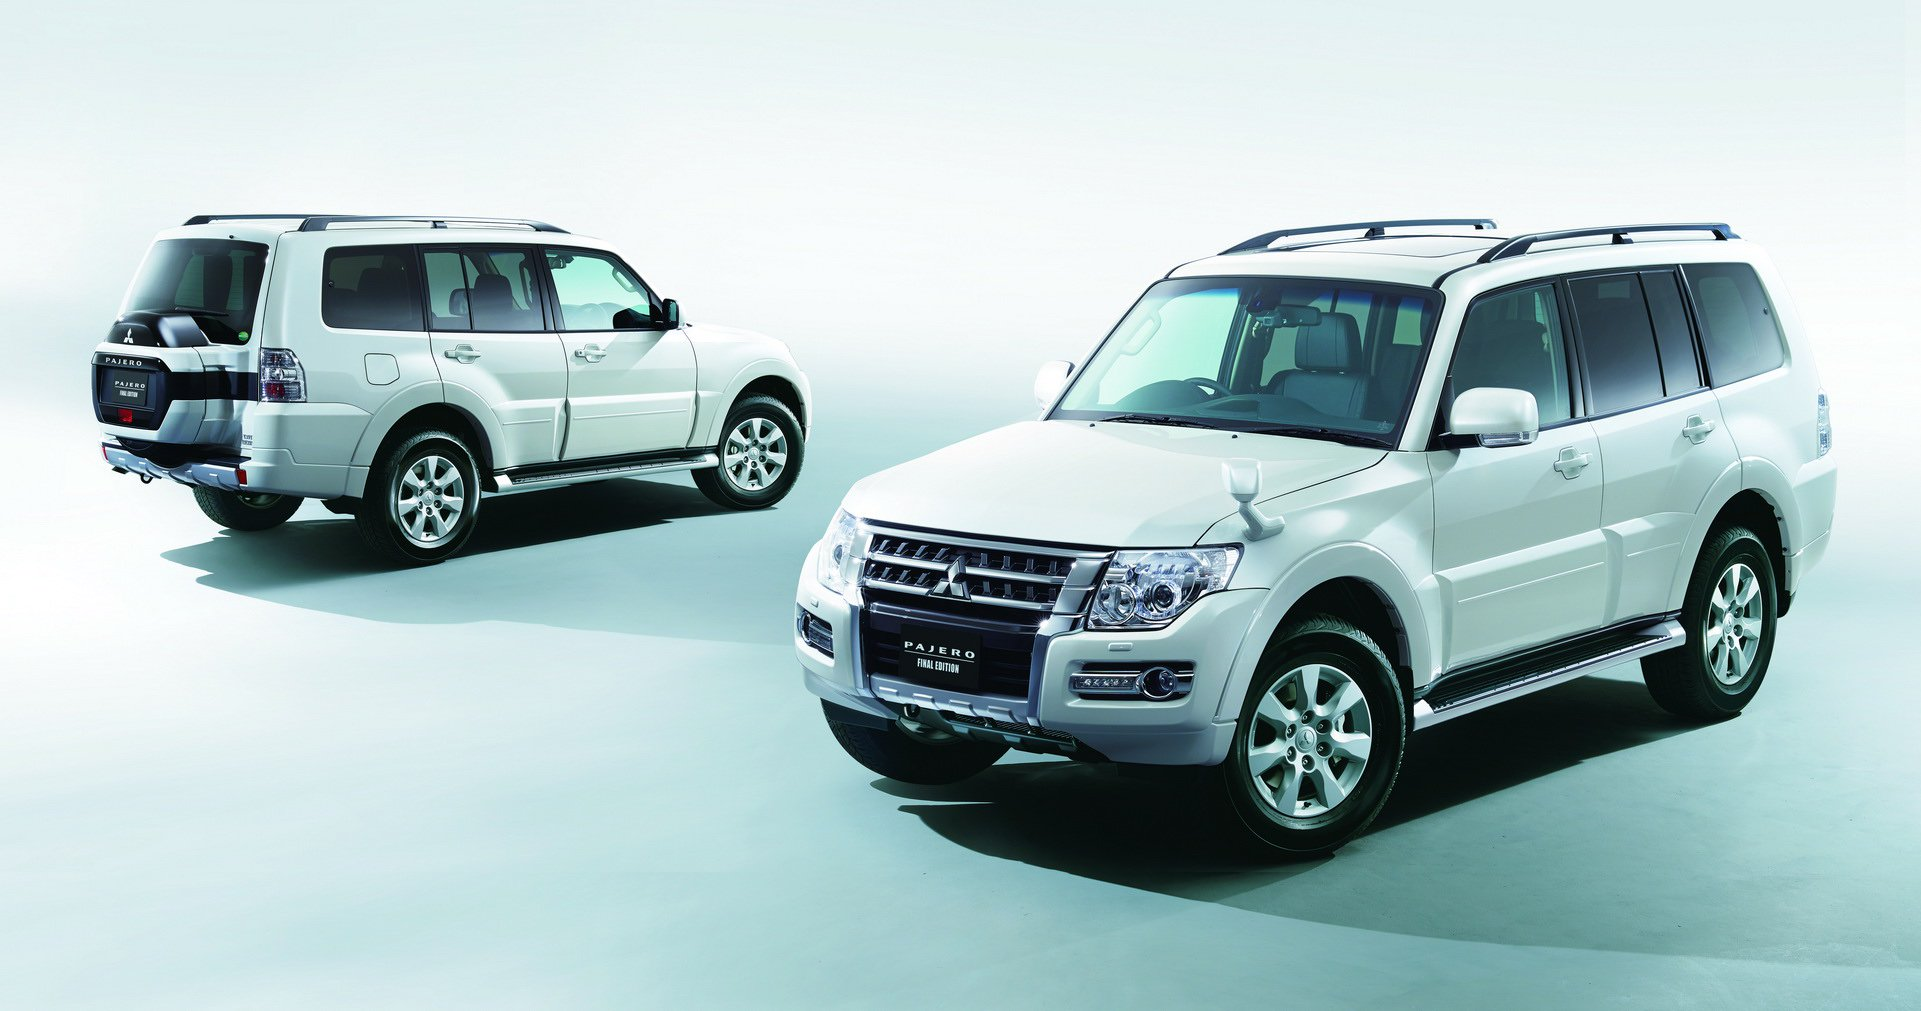 Mitsubishi giới thiệu Pajero Final Edition phiên bản cuối cùng, giới hạn 700 chiếc 9